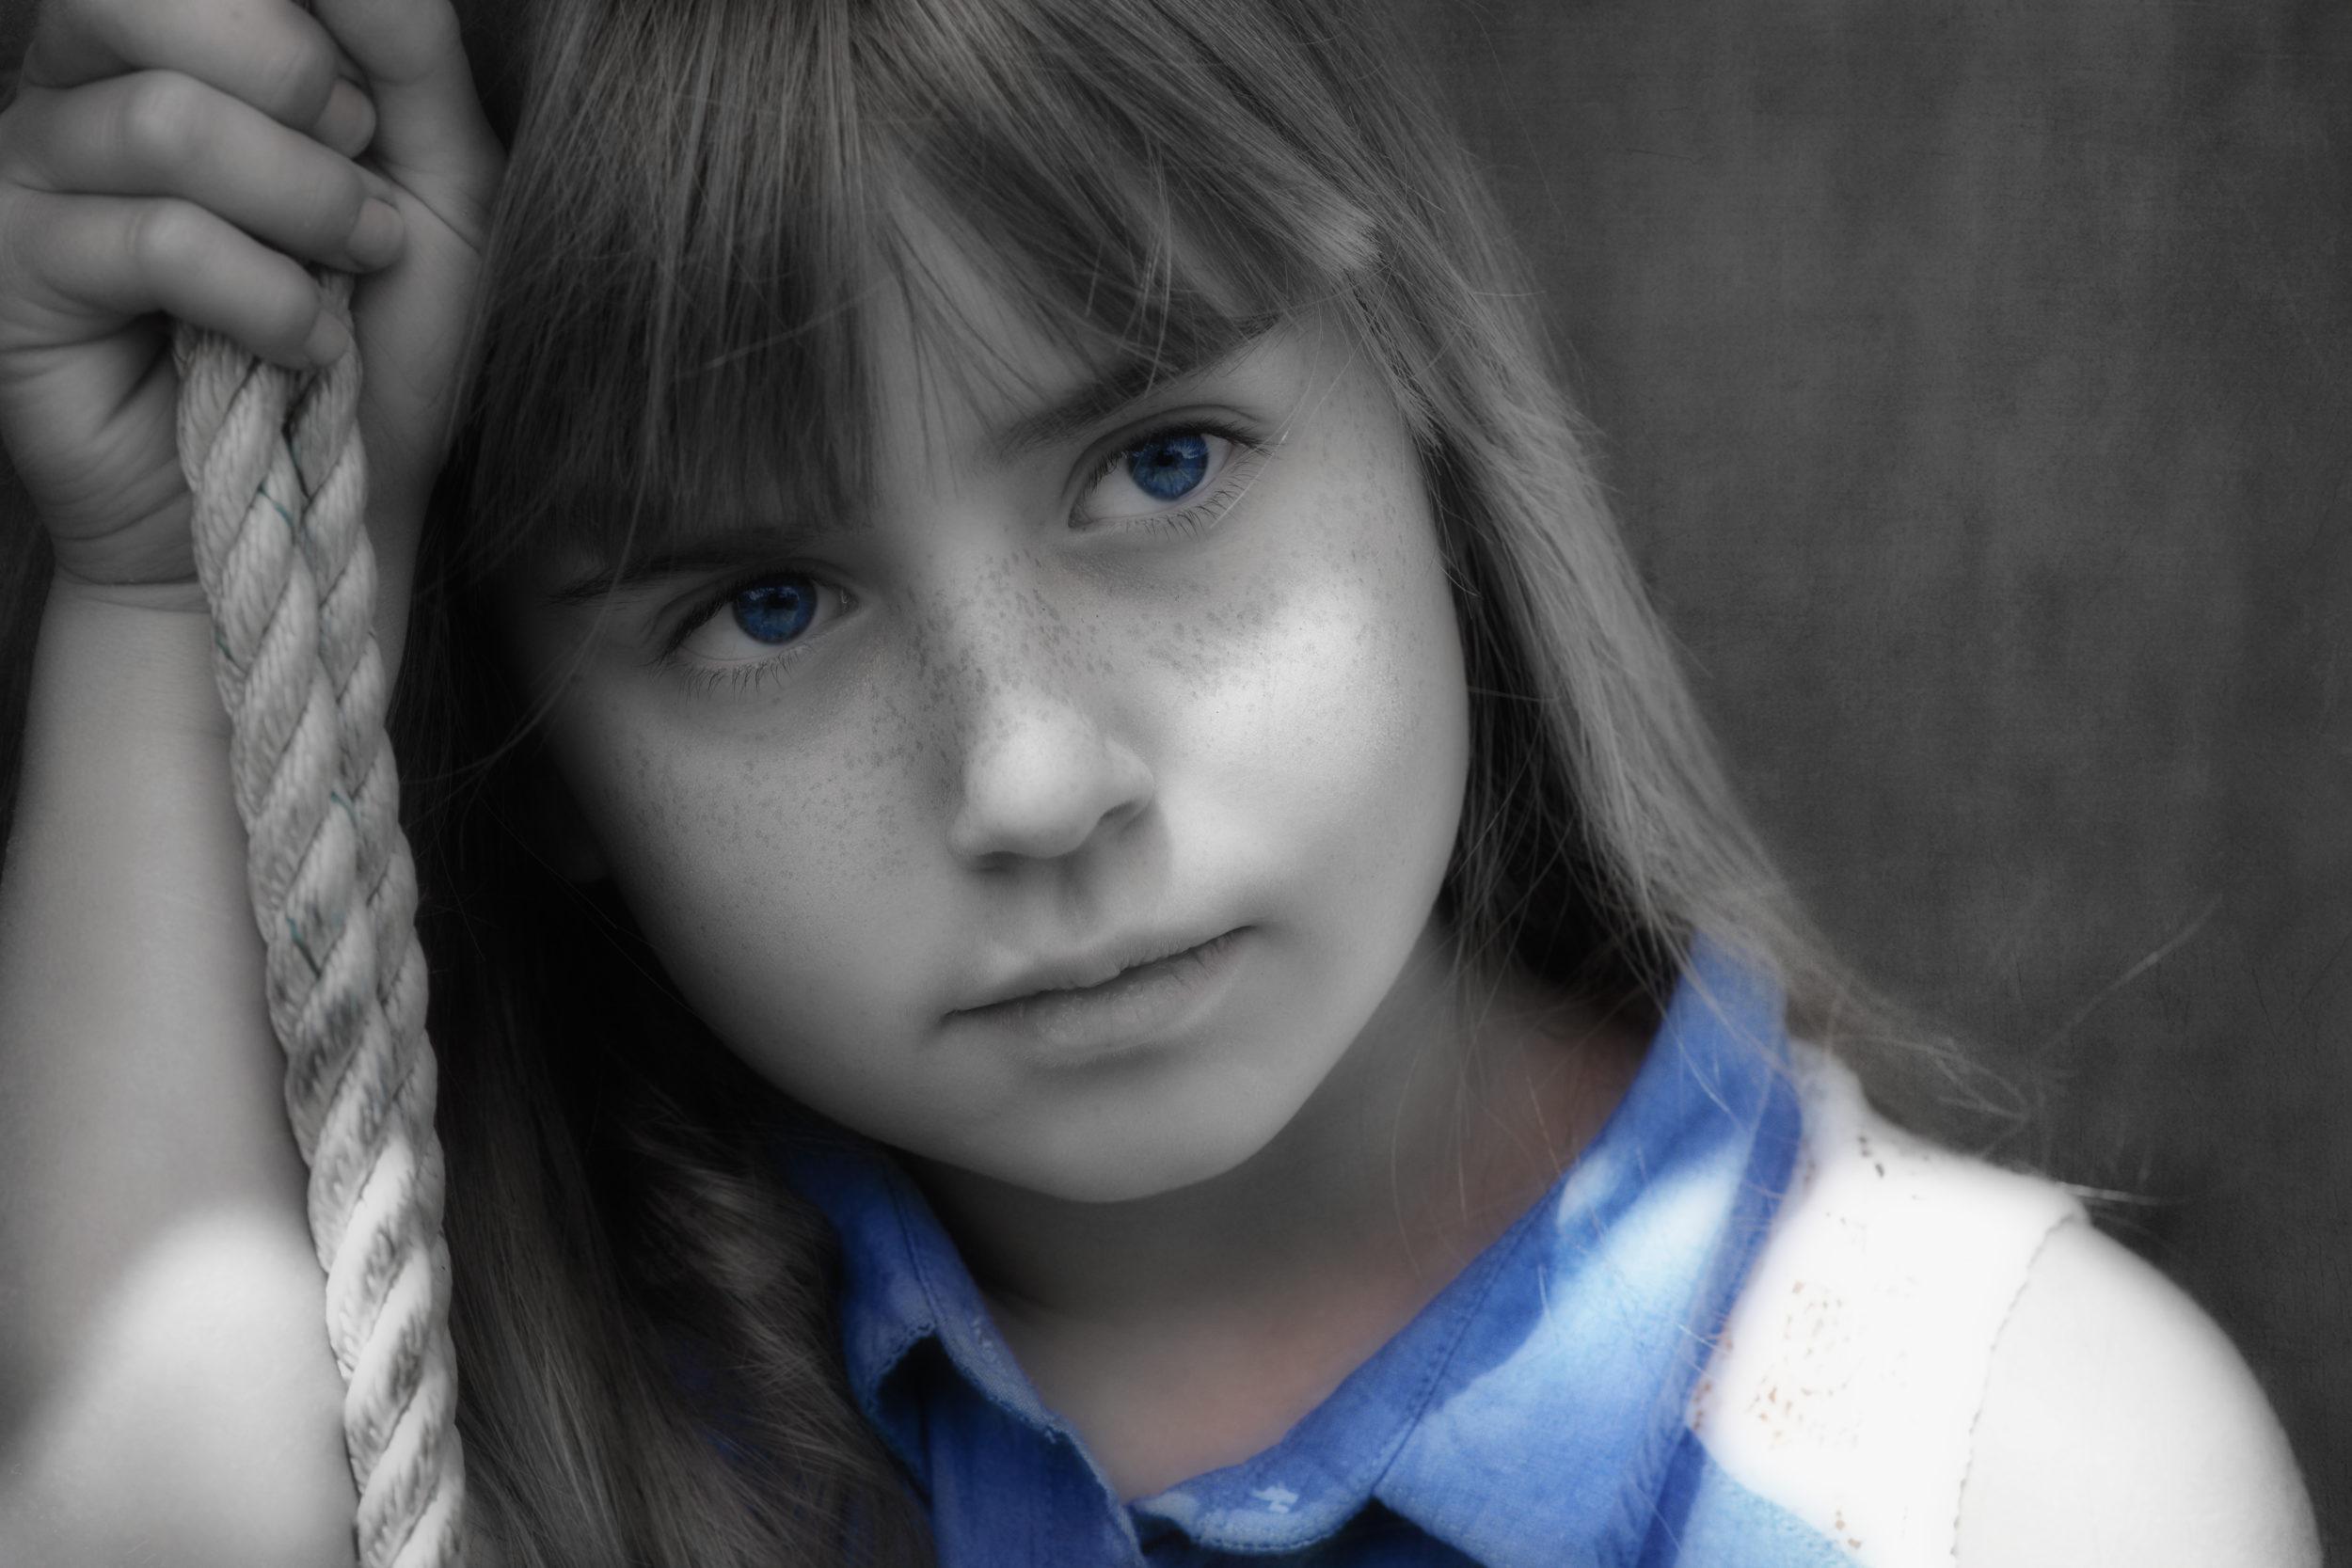 girl-1107788 retouchée dominance bleu et flou